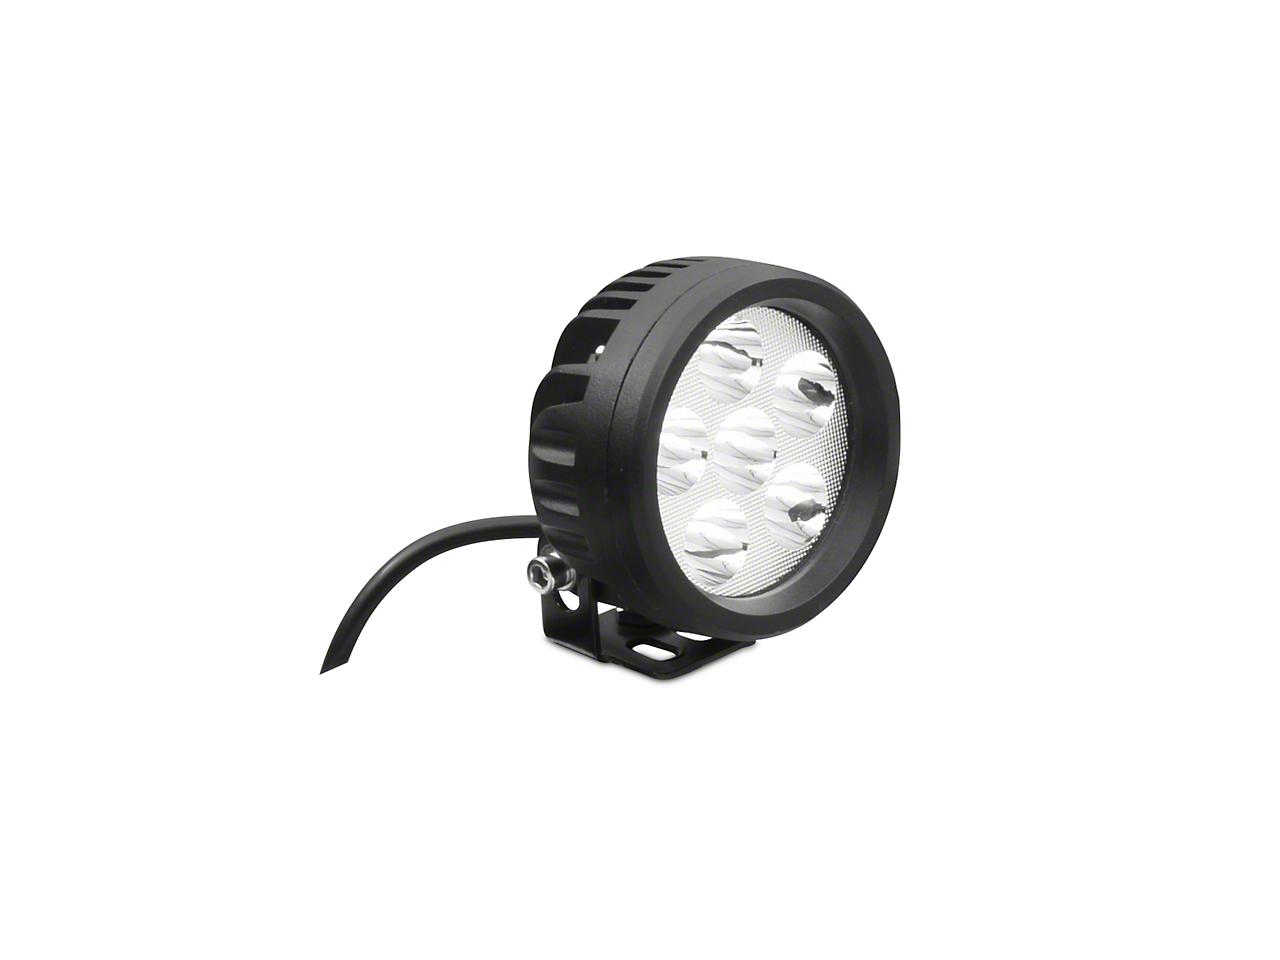 DV8 Off-Road 3.5 in. Round LED Light - Spot Beam